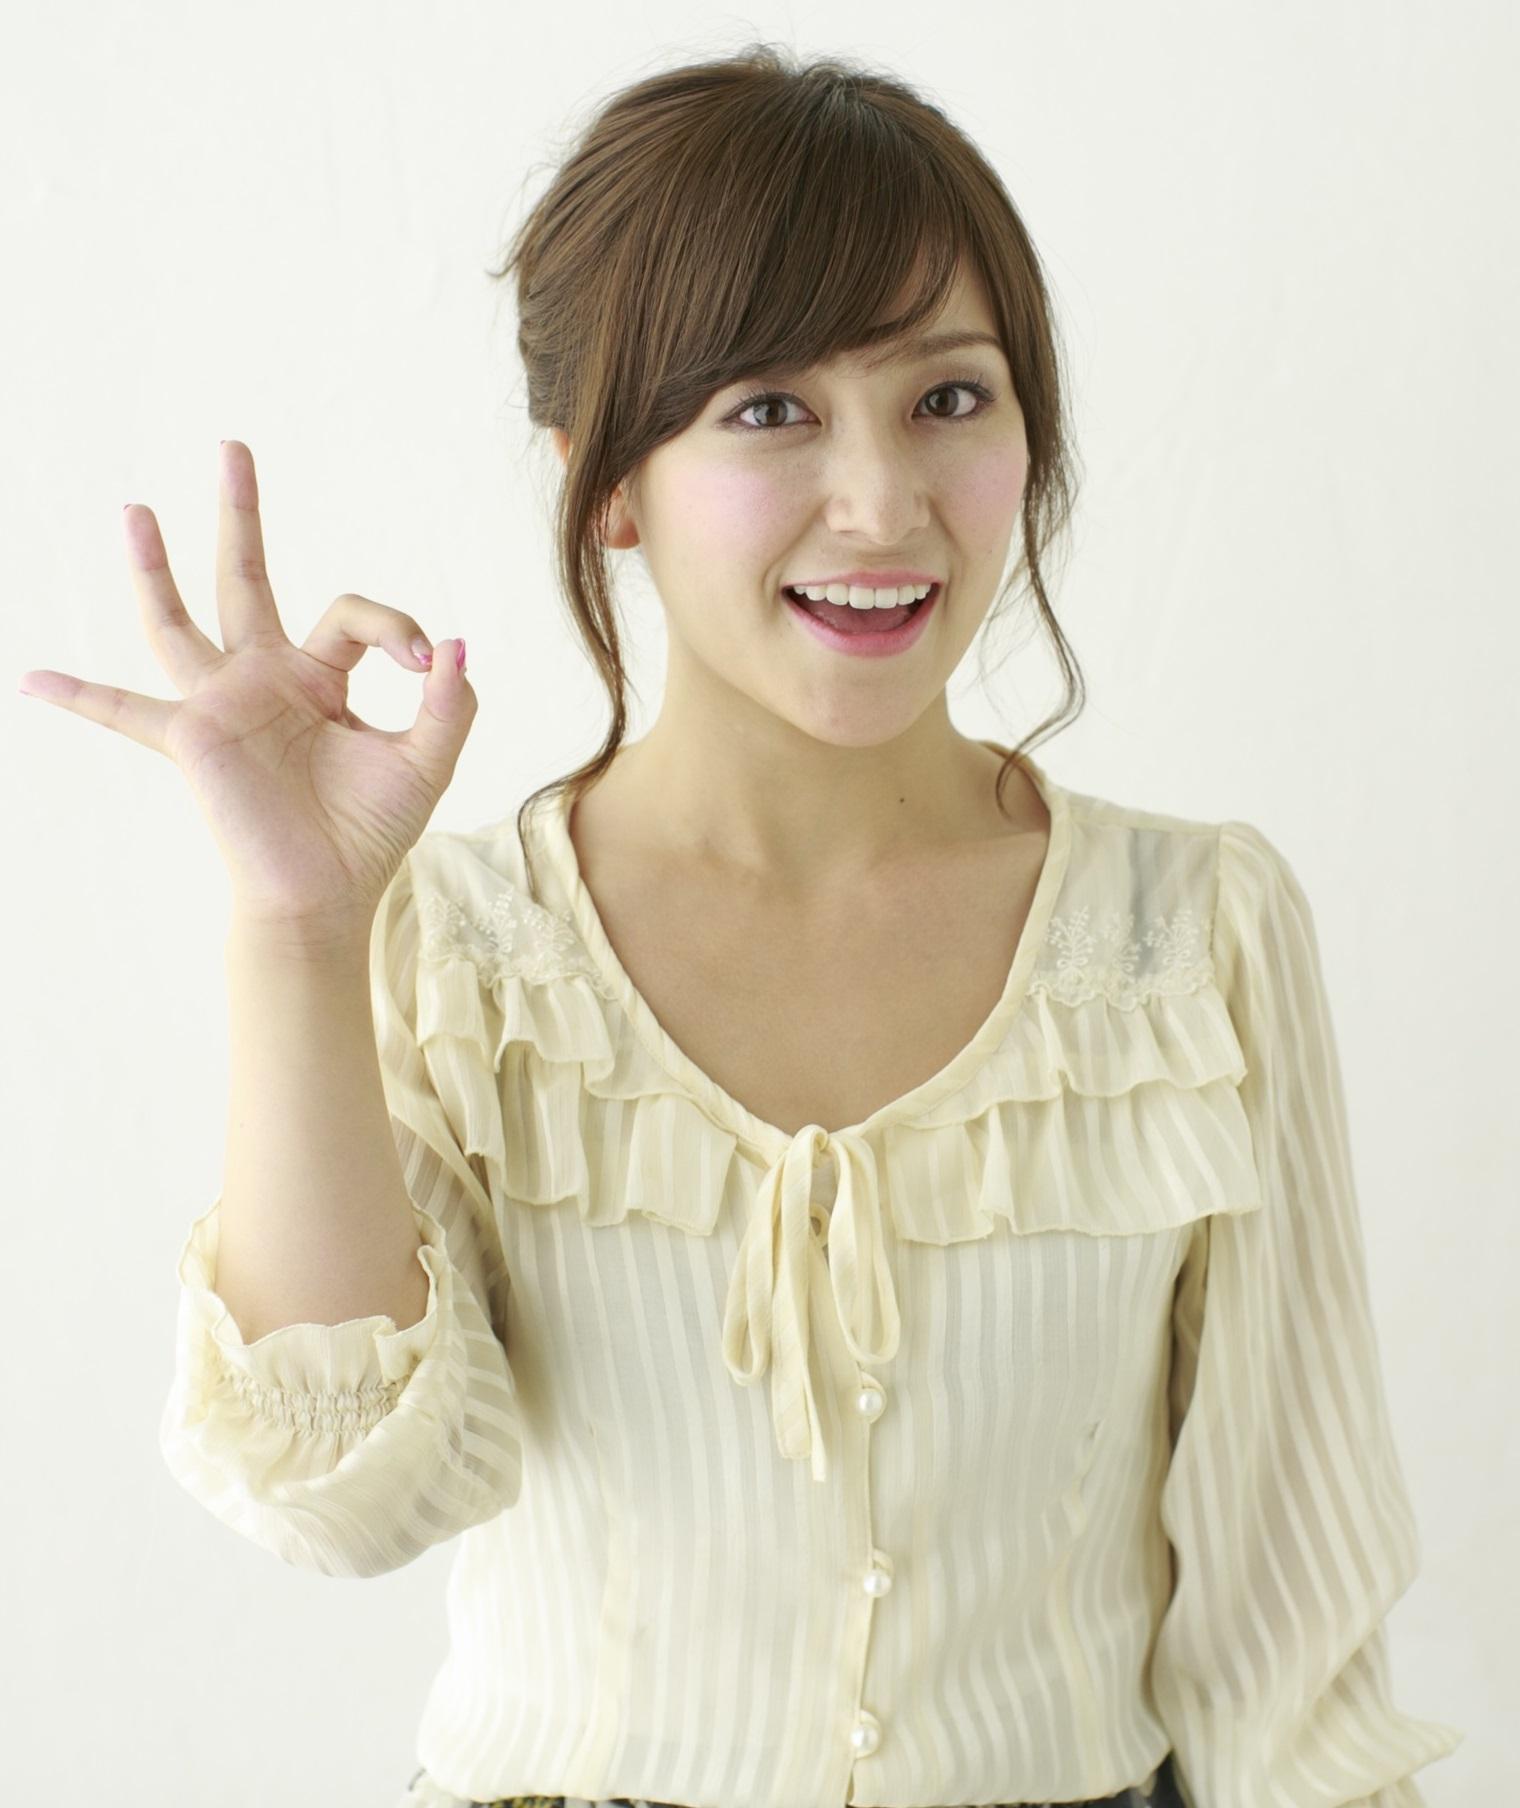 岡山で人気の脱毛サロンってどこ?口コミから人気サロンを調査♪のサムネイル画像